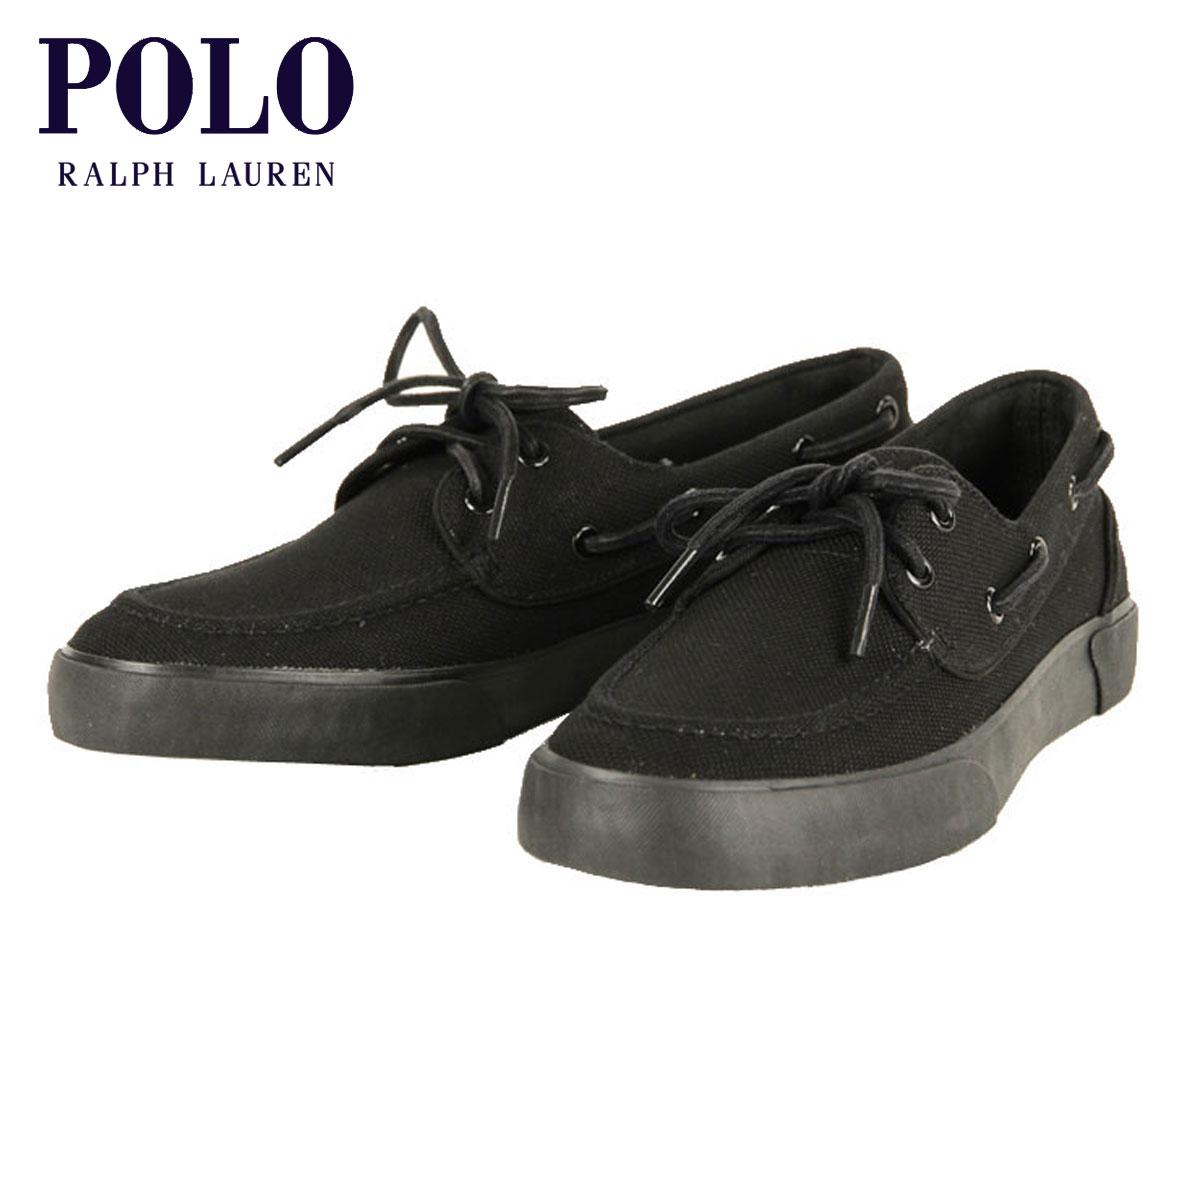 ポロ ラルフローレン POLO RALPH LAUREN 正規品 メンズ 靴 シューズ LANDER CANVAS SNEAKER